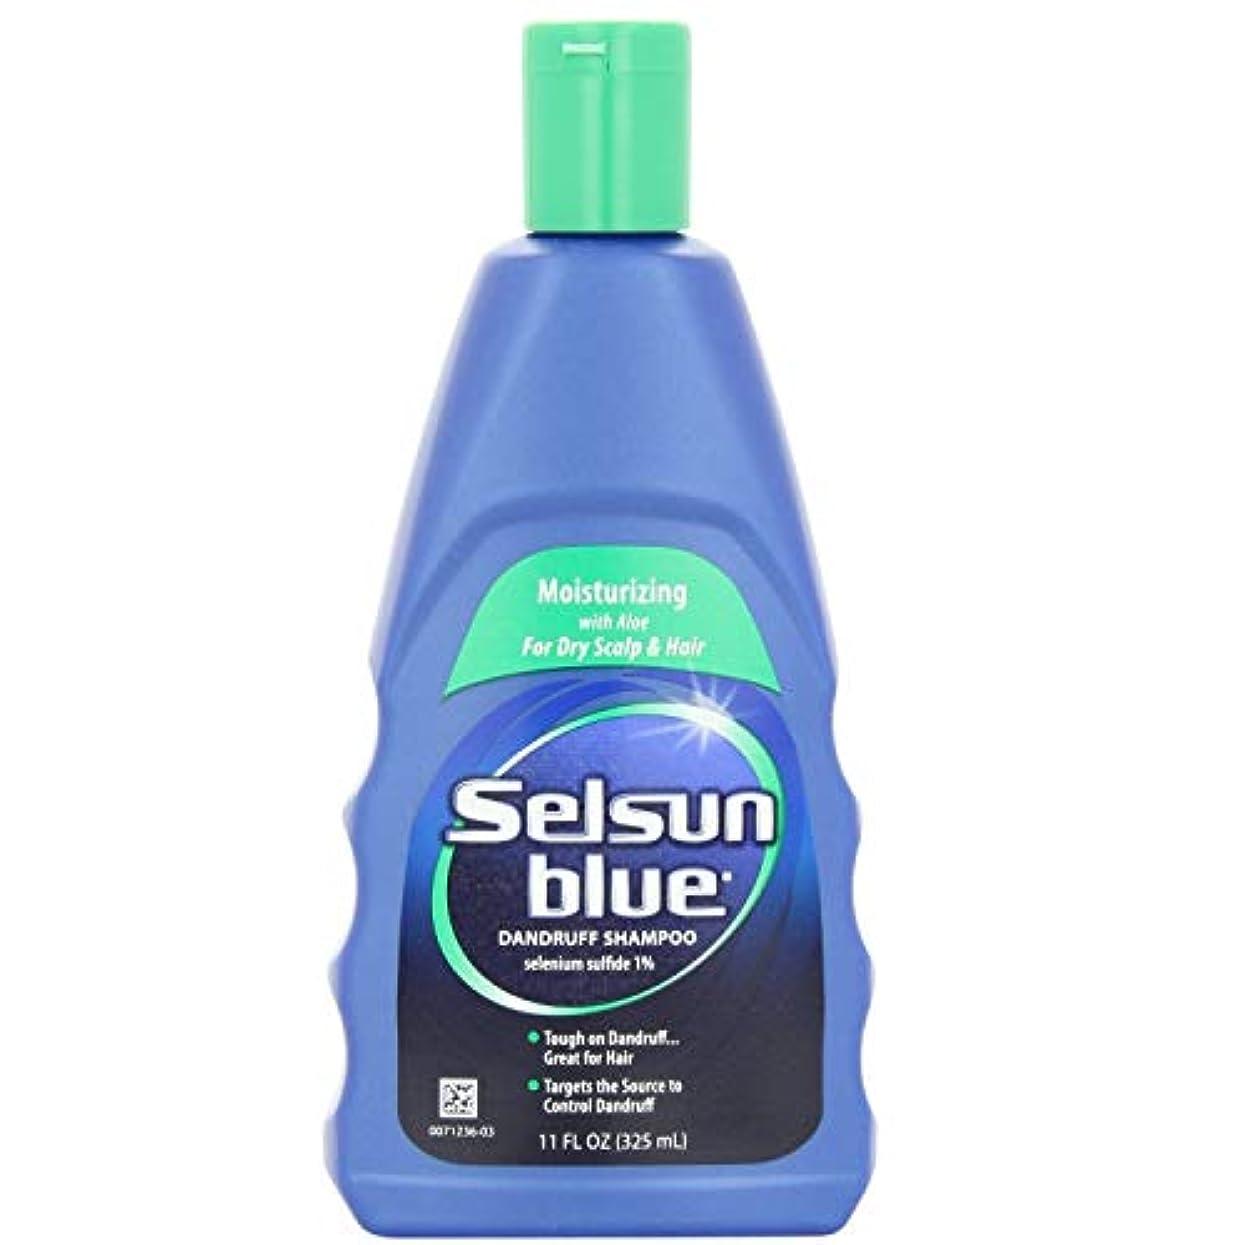 クック仕事襟Selsun Blue Dandruff Shampoo, Moisturizing with Aloe for Dry Scalp and Hair, 11 Ounce by Selsun Blue [並行輸入品]